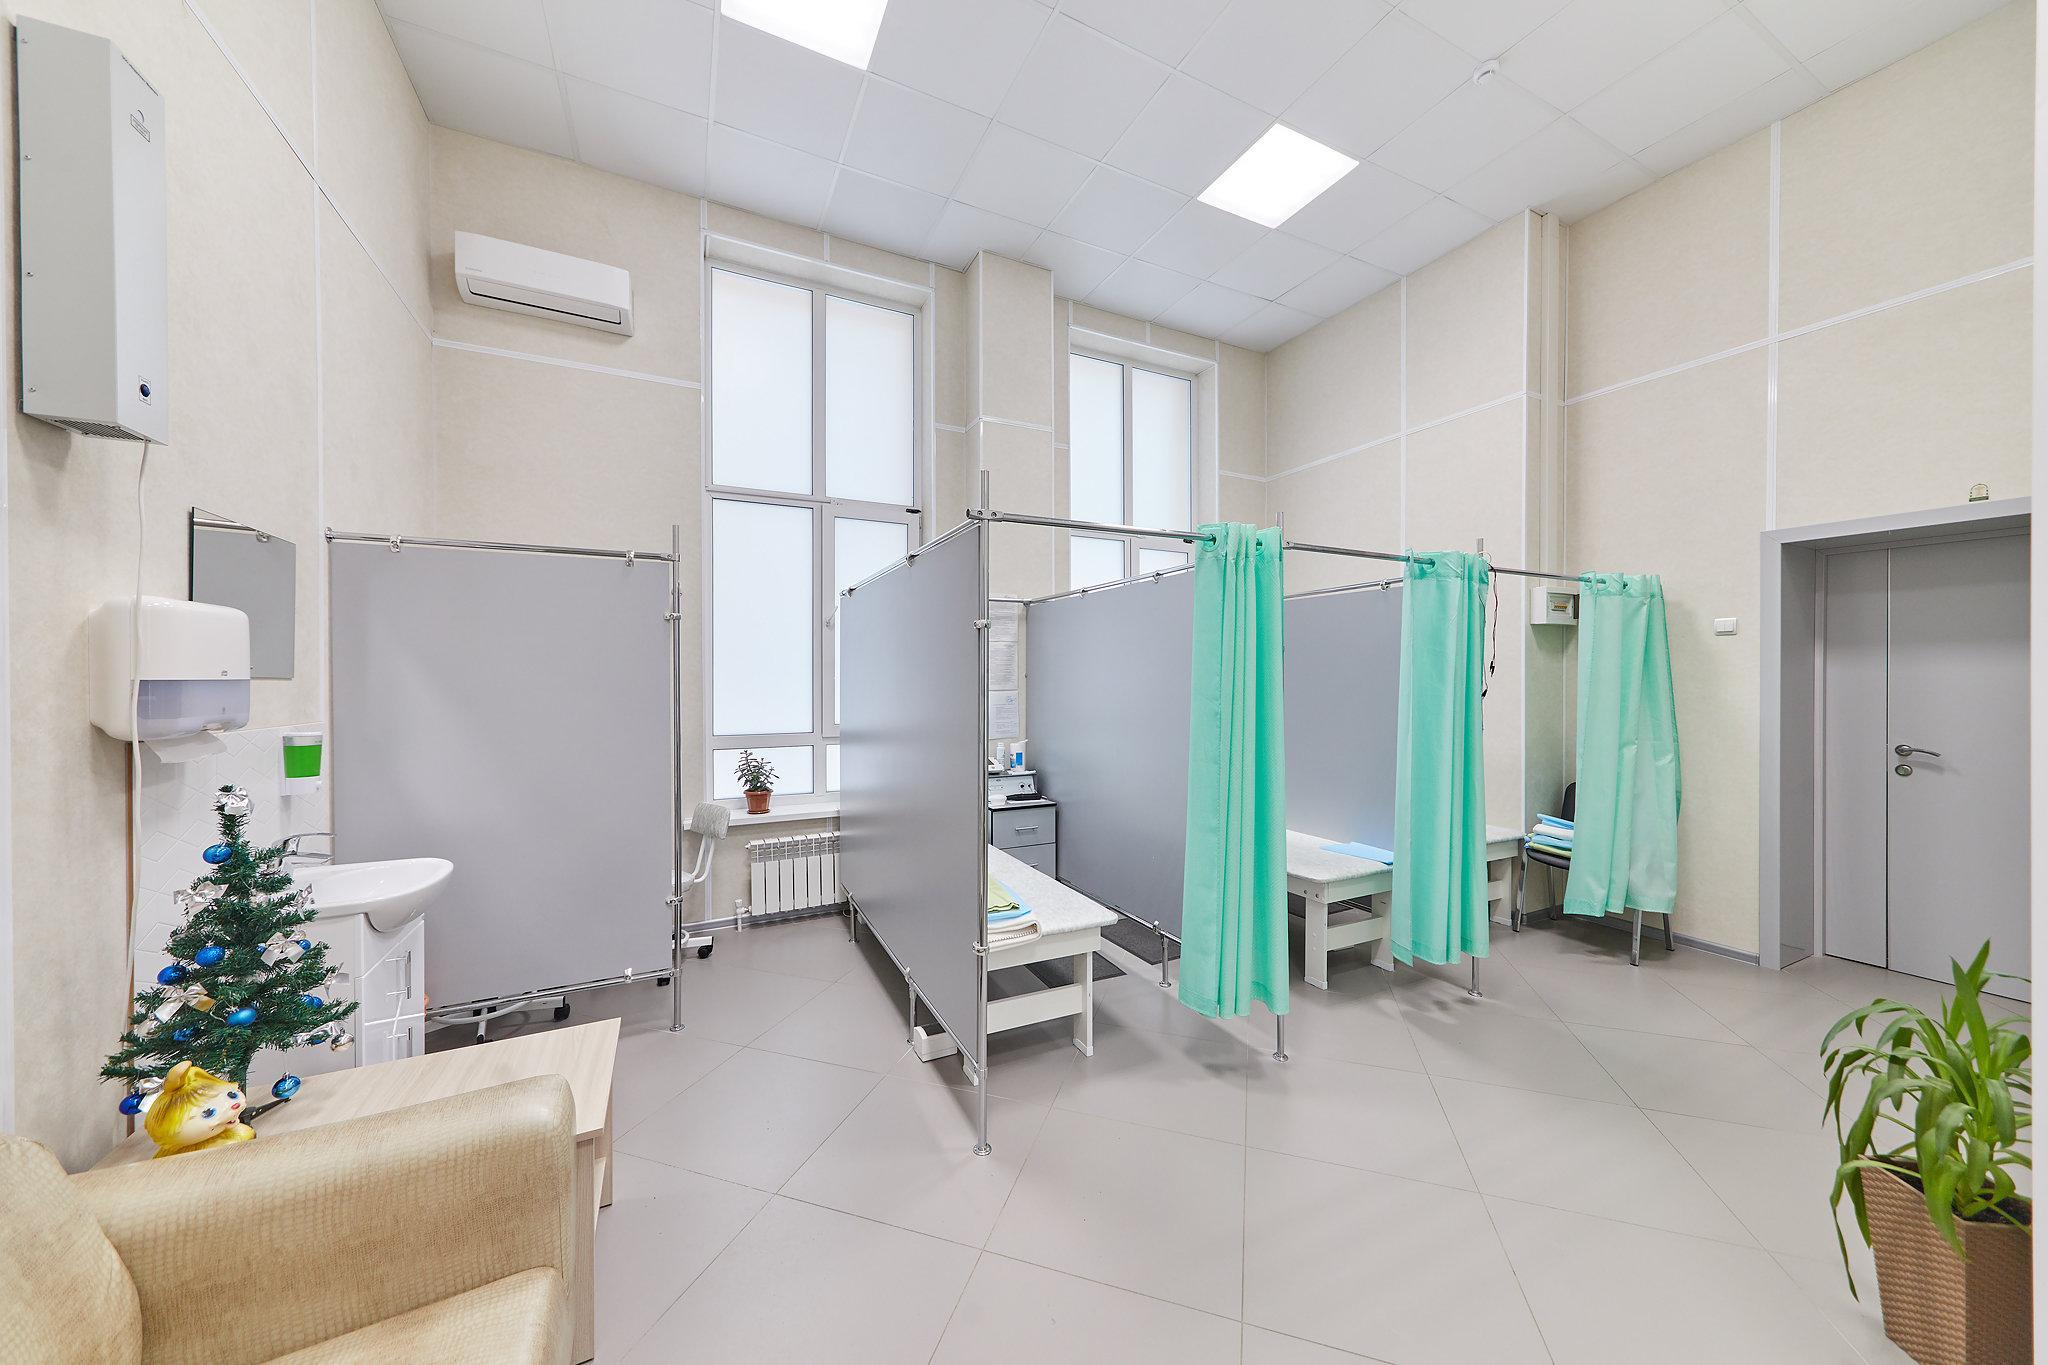 фотография Первый медицинский центр на Рославльской улице в поселке Путевка